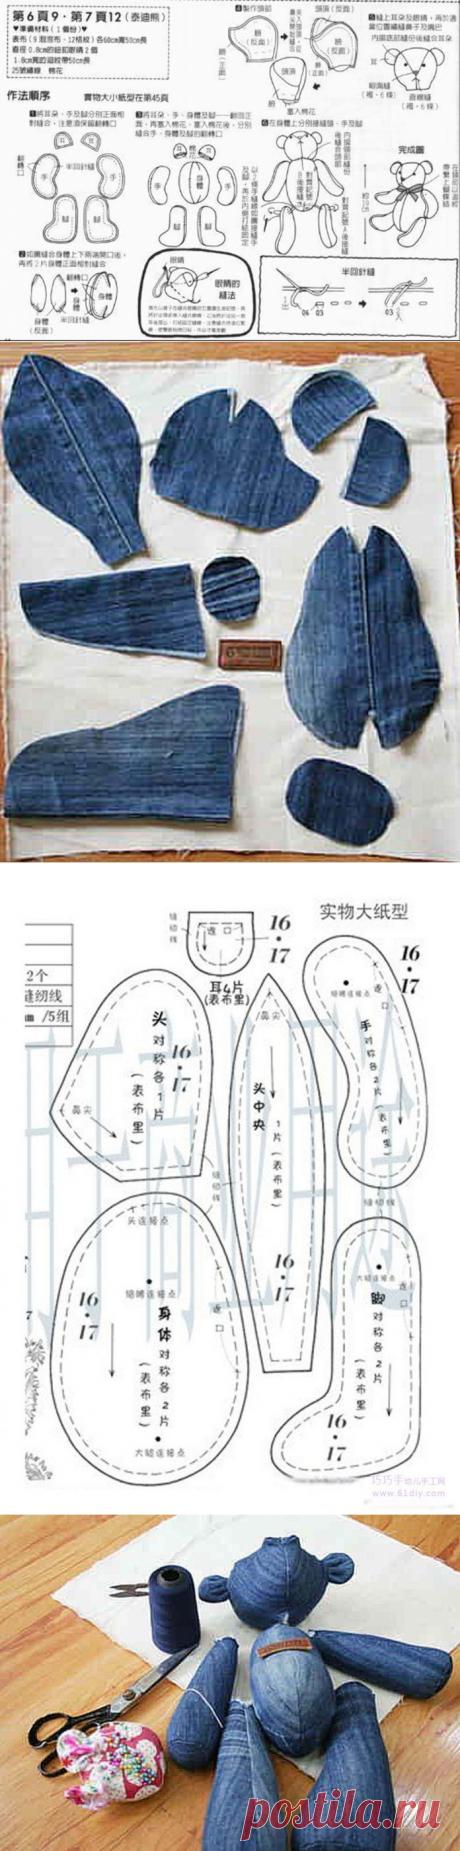 Шьем мишек Тедди из старых джинсов — Сделай сам, идеи для творчества - DIY Ideas